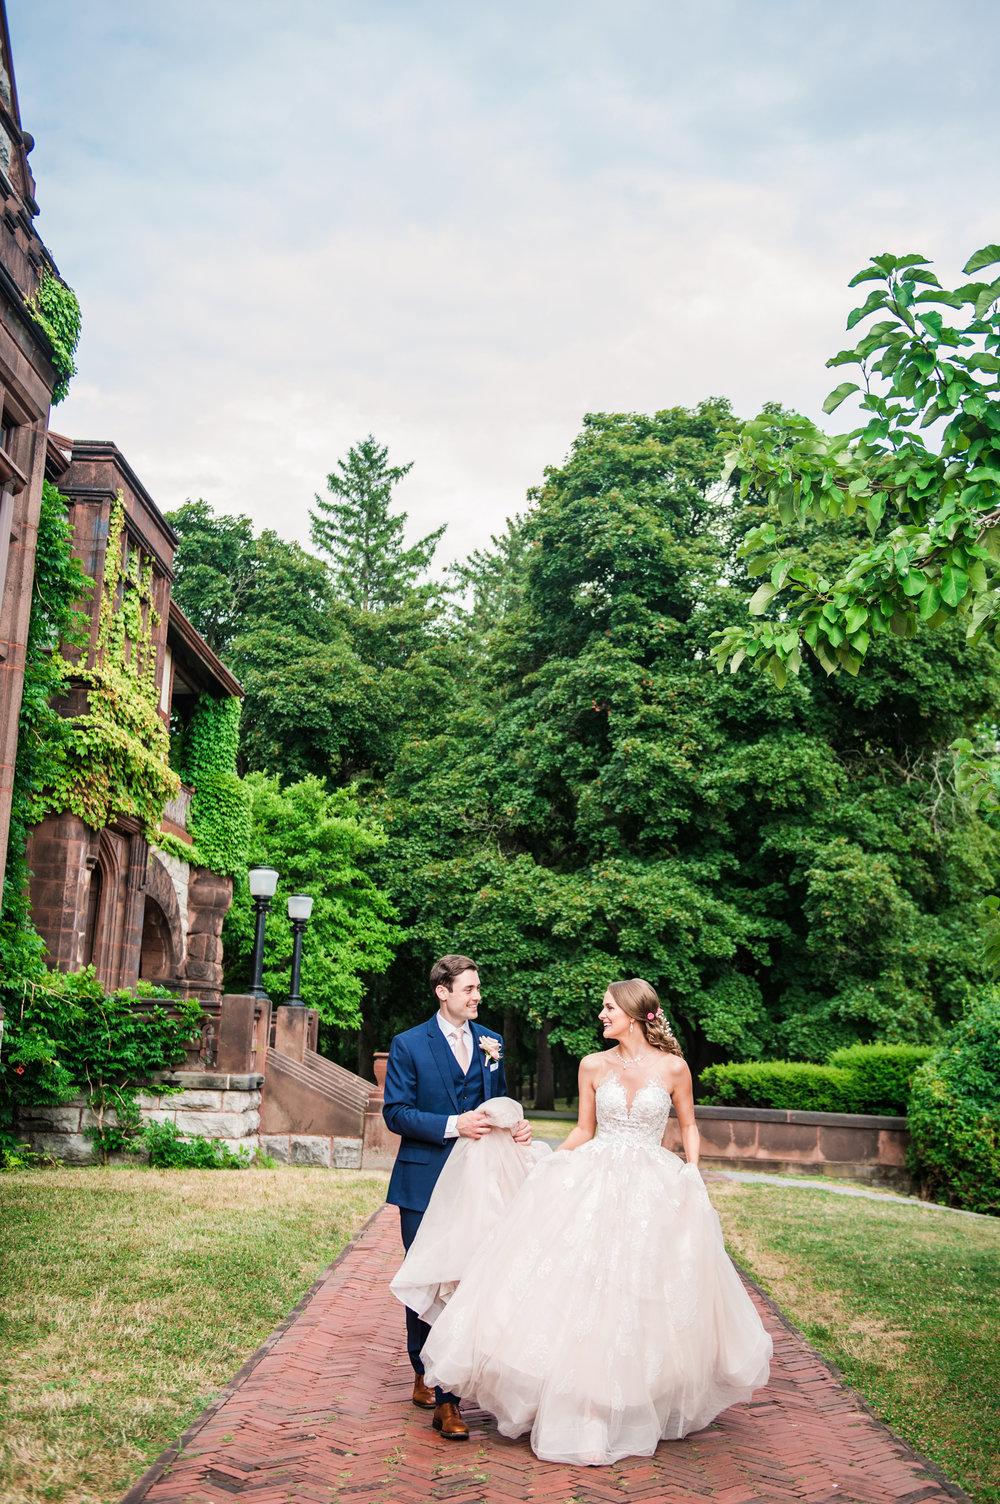 JILLSTUDIO_Sonnenberg_Gardens_Finger_Lakes_Wedding_Rochester_NY_Photographer_165147.jpg